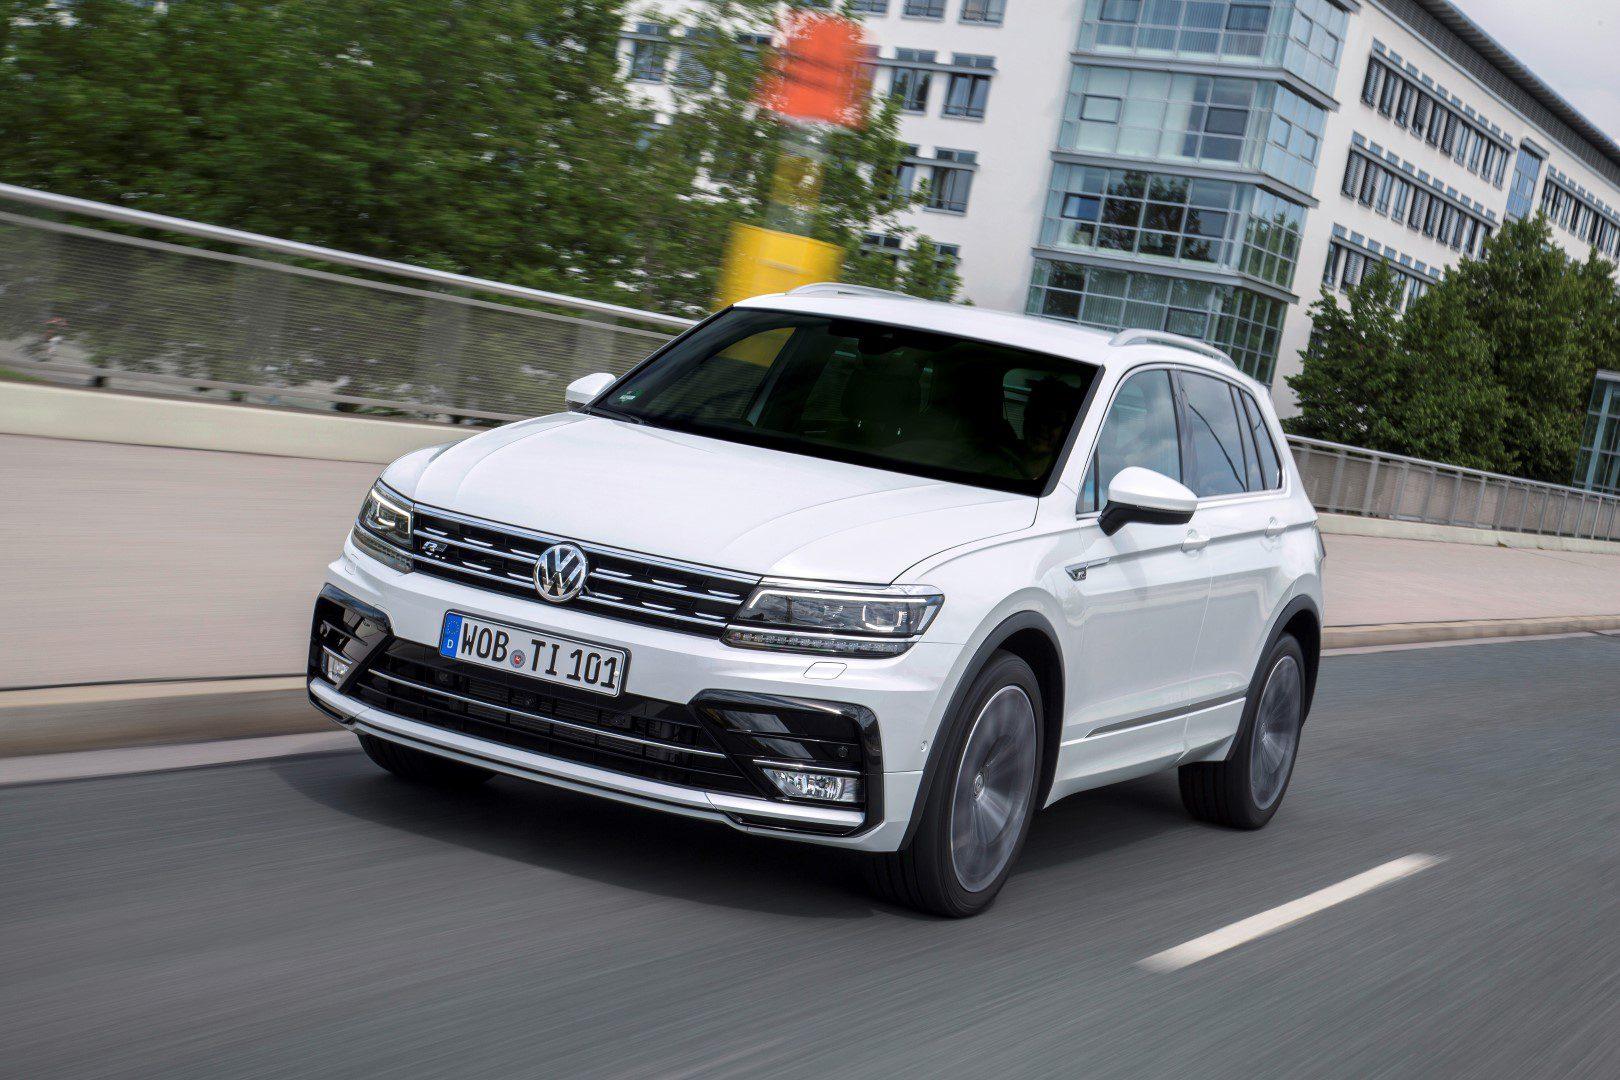 Motoraanbod Volkswagen Tiguan Verder Uitgebreid